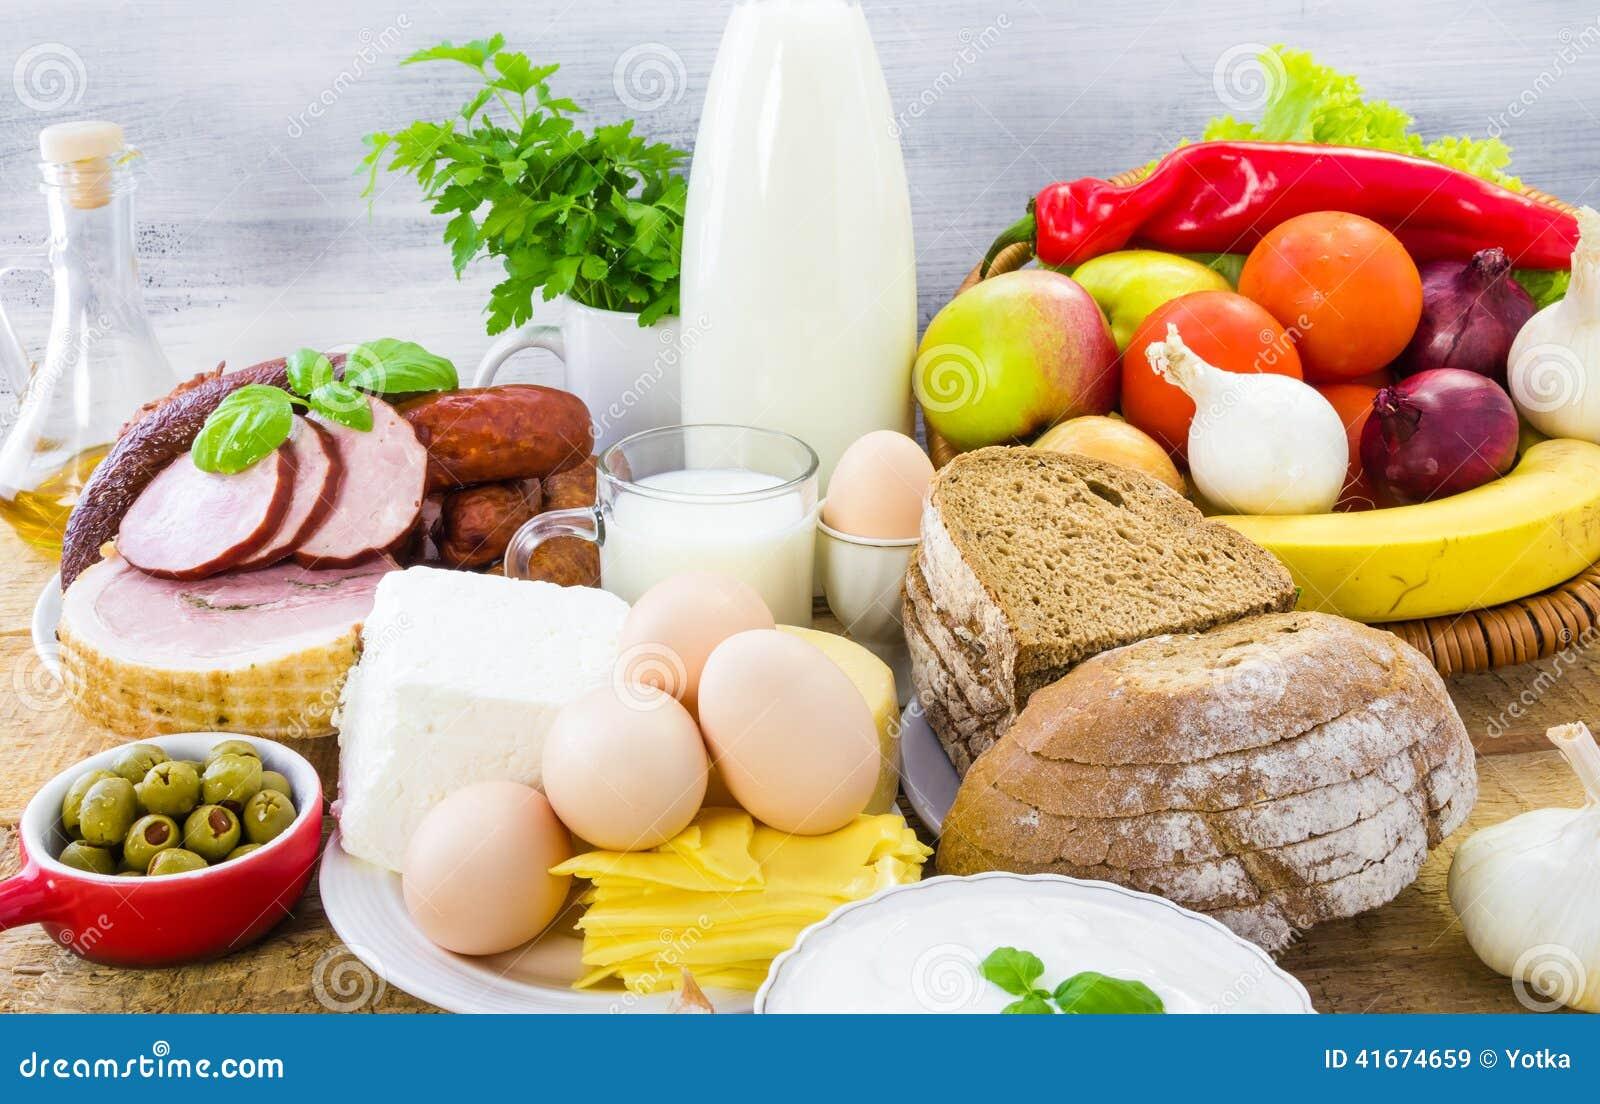 混杂食物乳制品面包肉